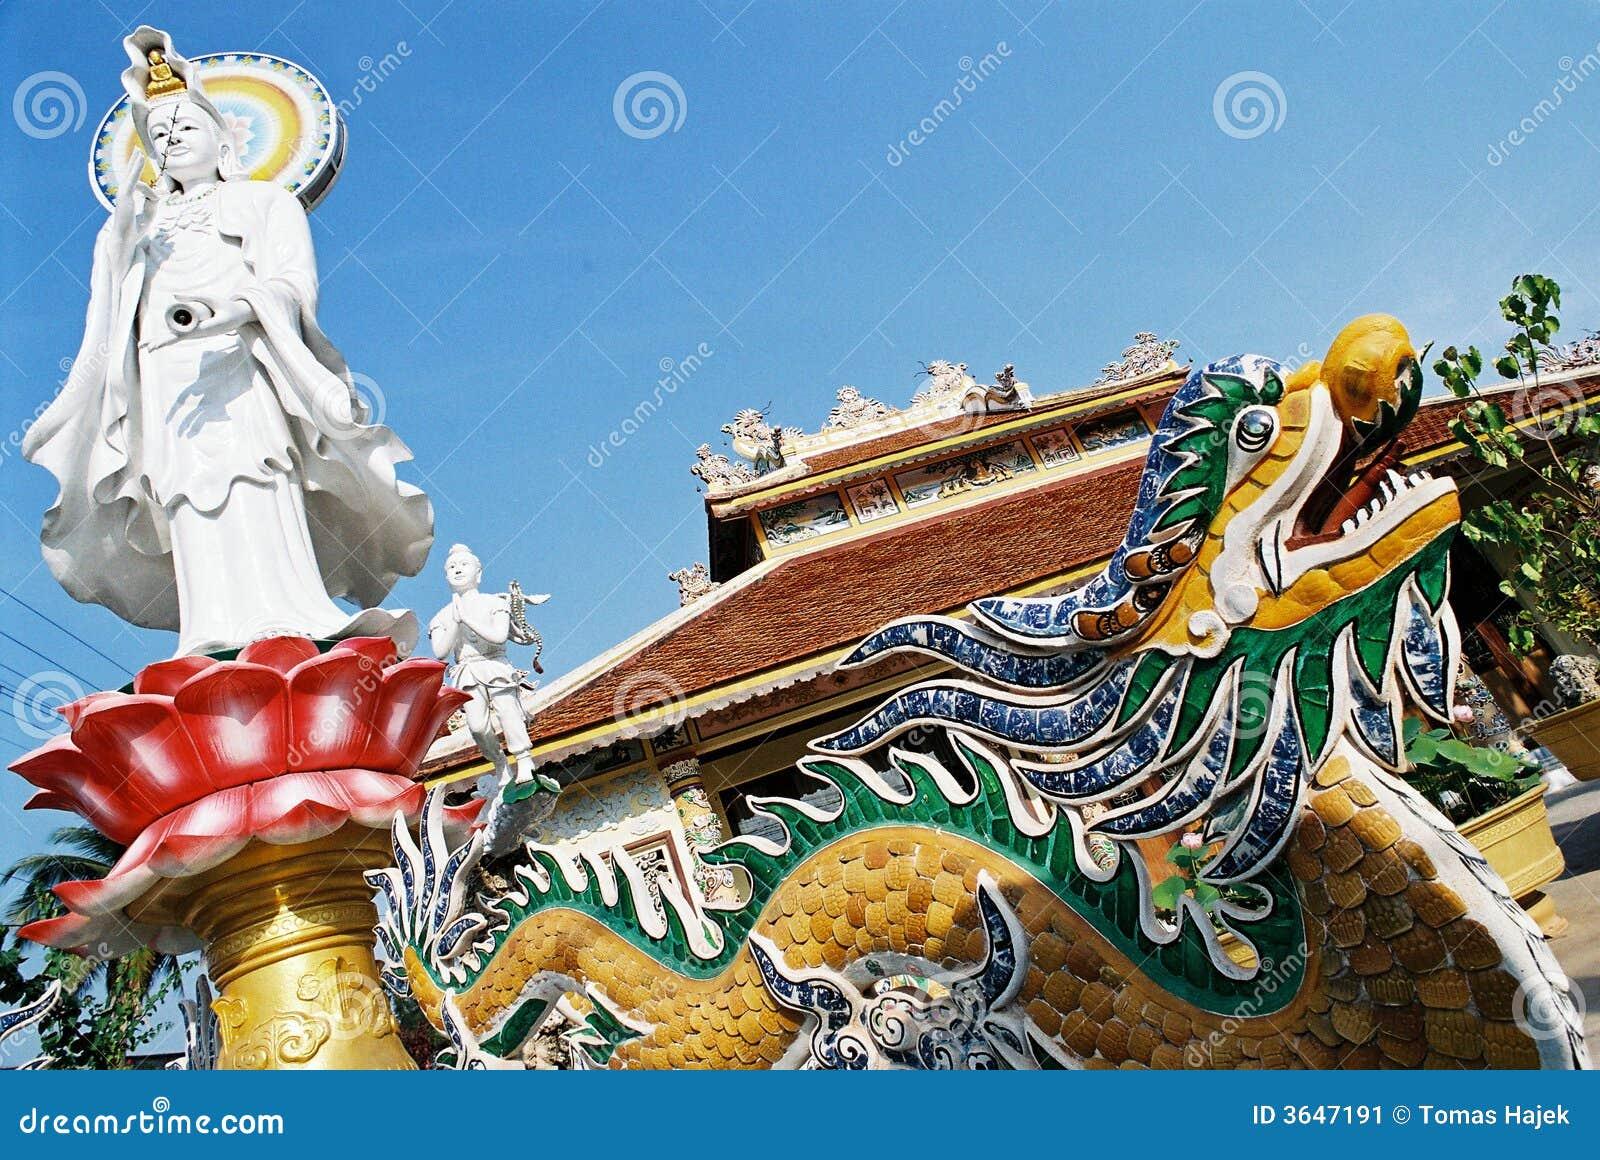 Estátua e um dragão - Laos